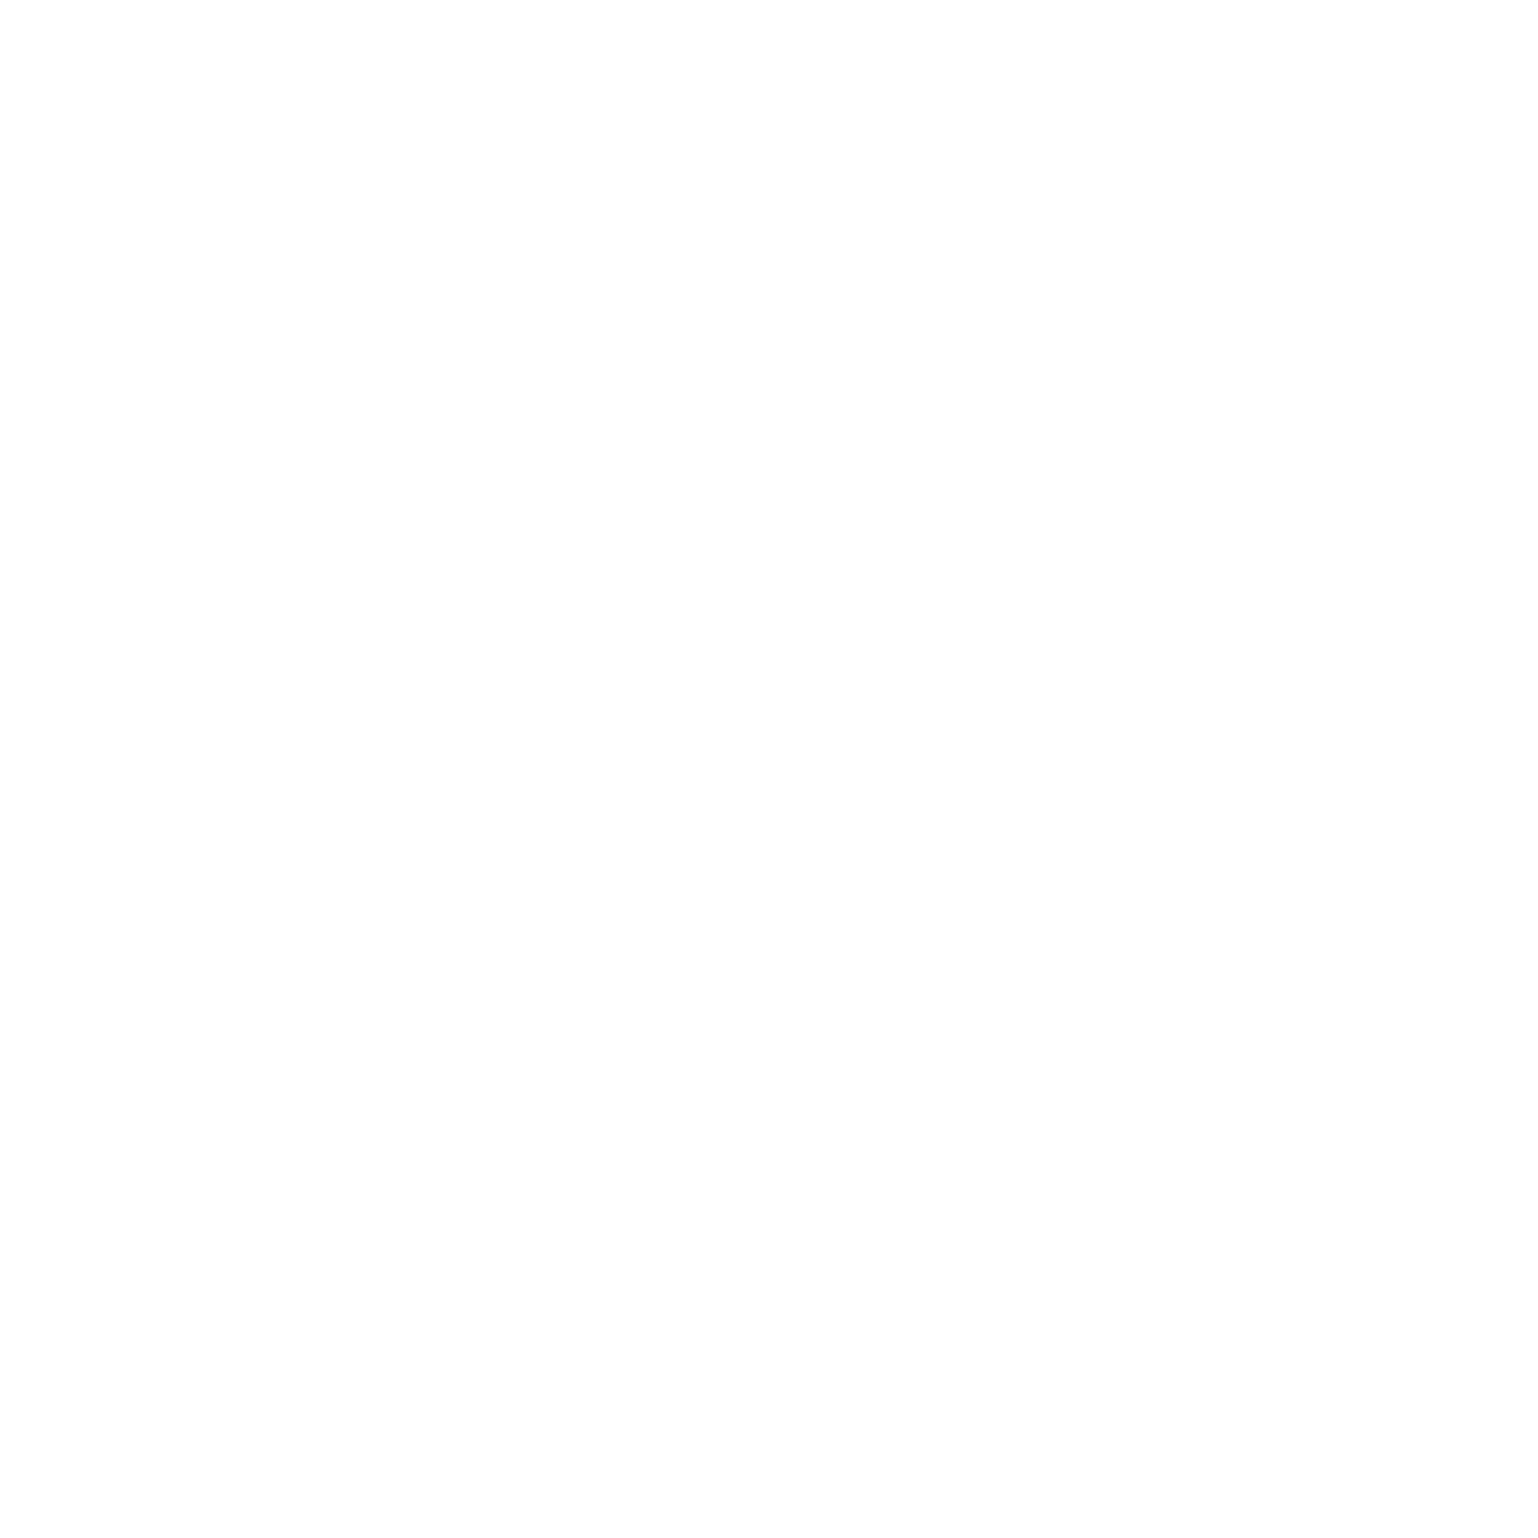 WBR Logo inverted